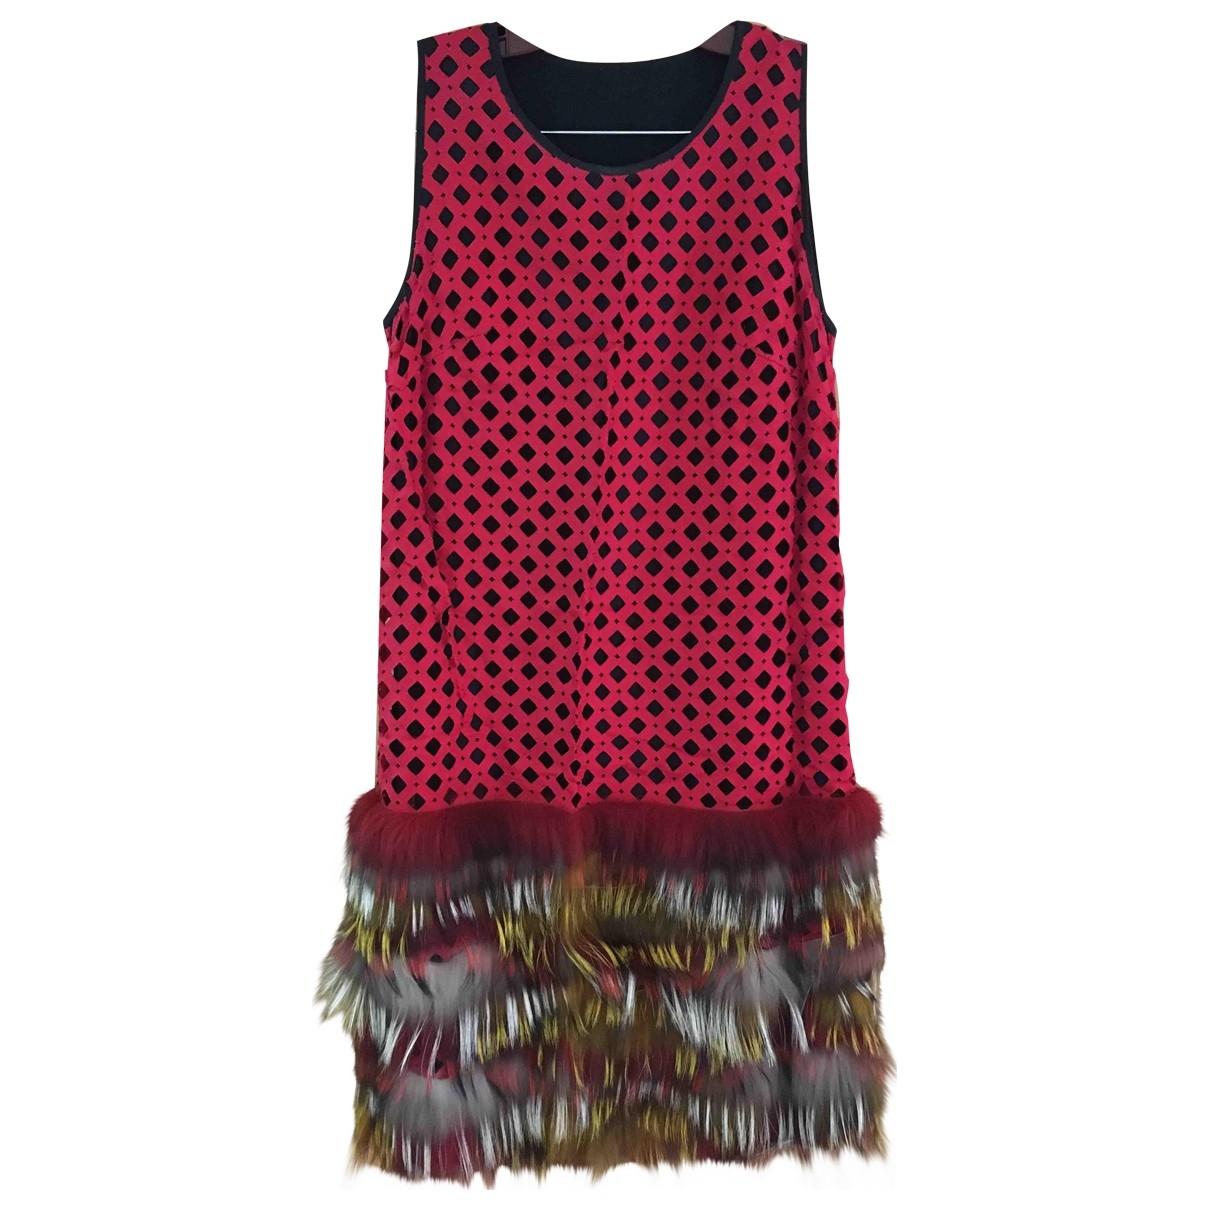 Fendi \N Multicolour dress for Women 38 IT